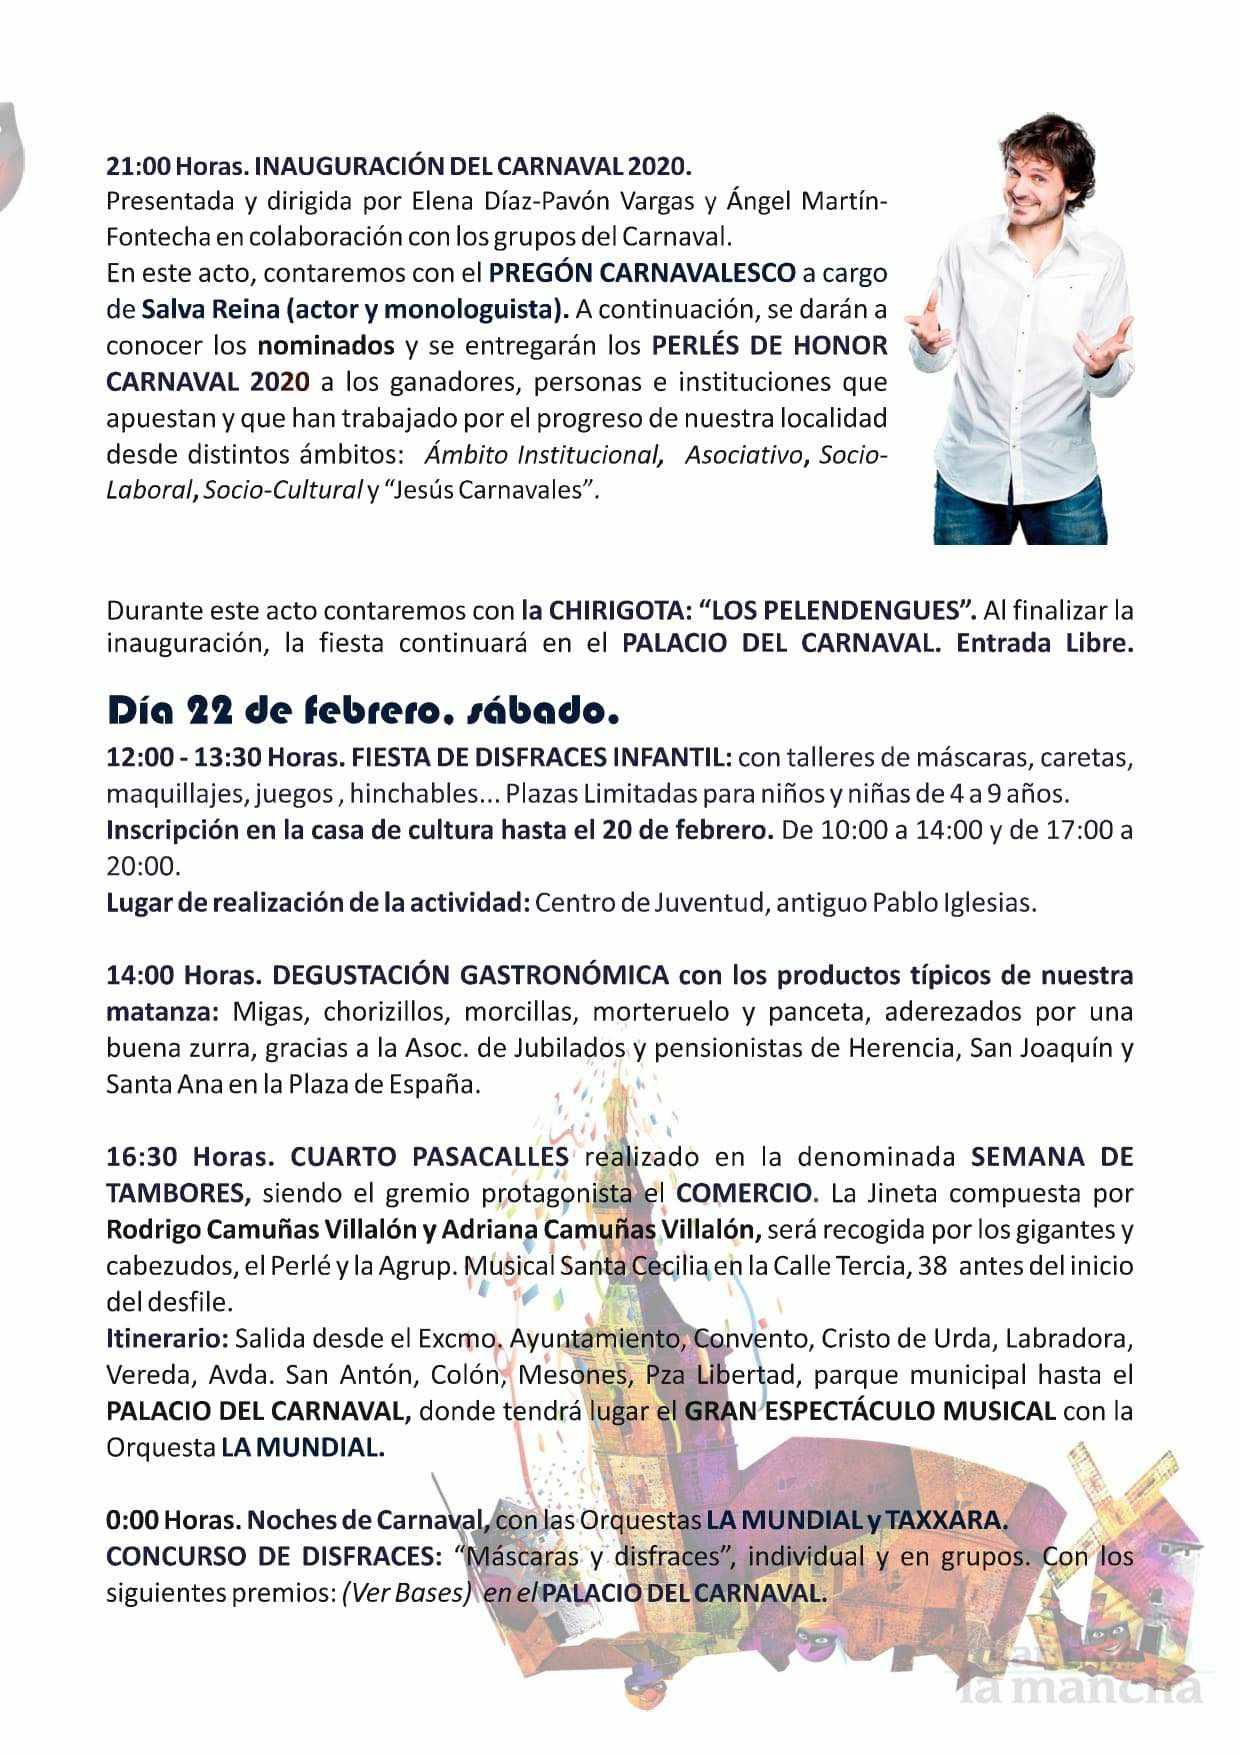 programacion carnaval 2020 herencia 5 - El actor Salva Reina pregonará un Carnaval de Herencia de Interés Turístico Nacional